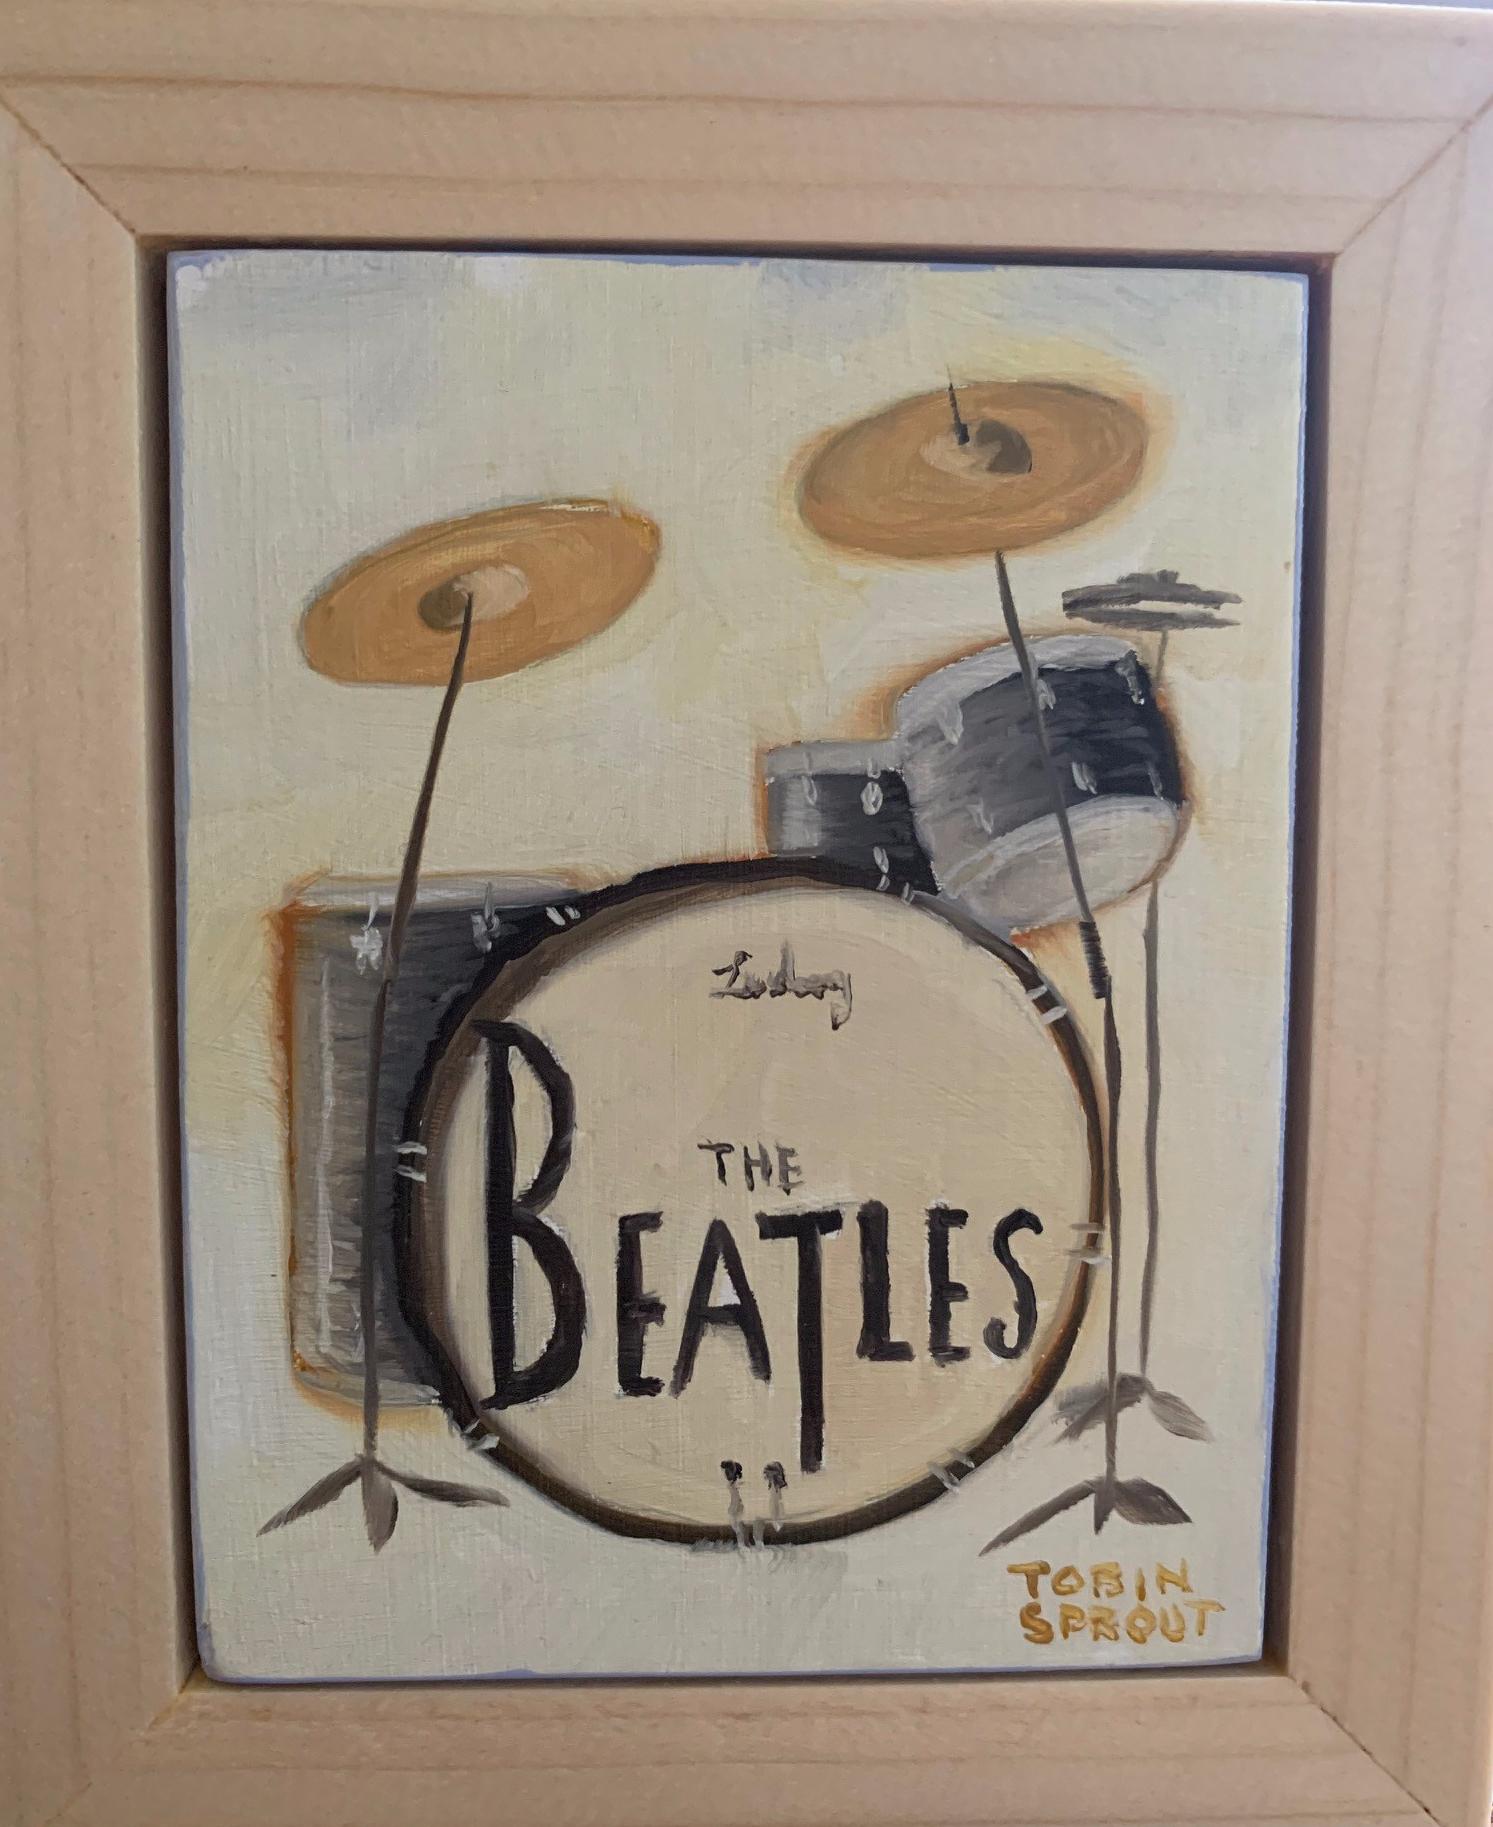 Beatles by Tobin